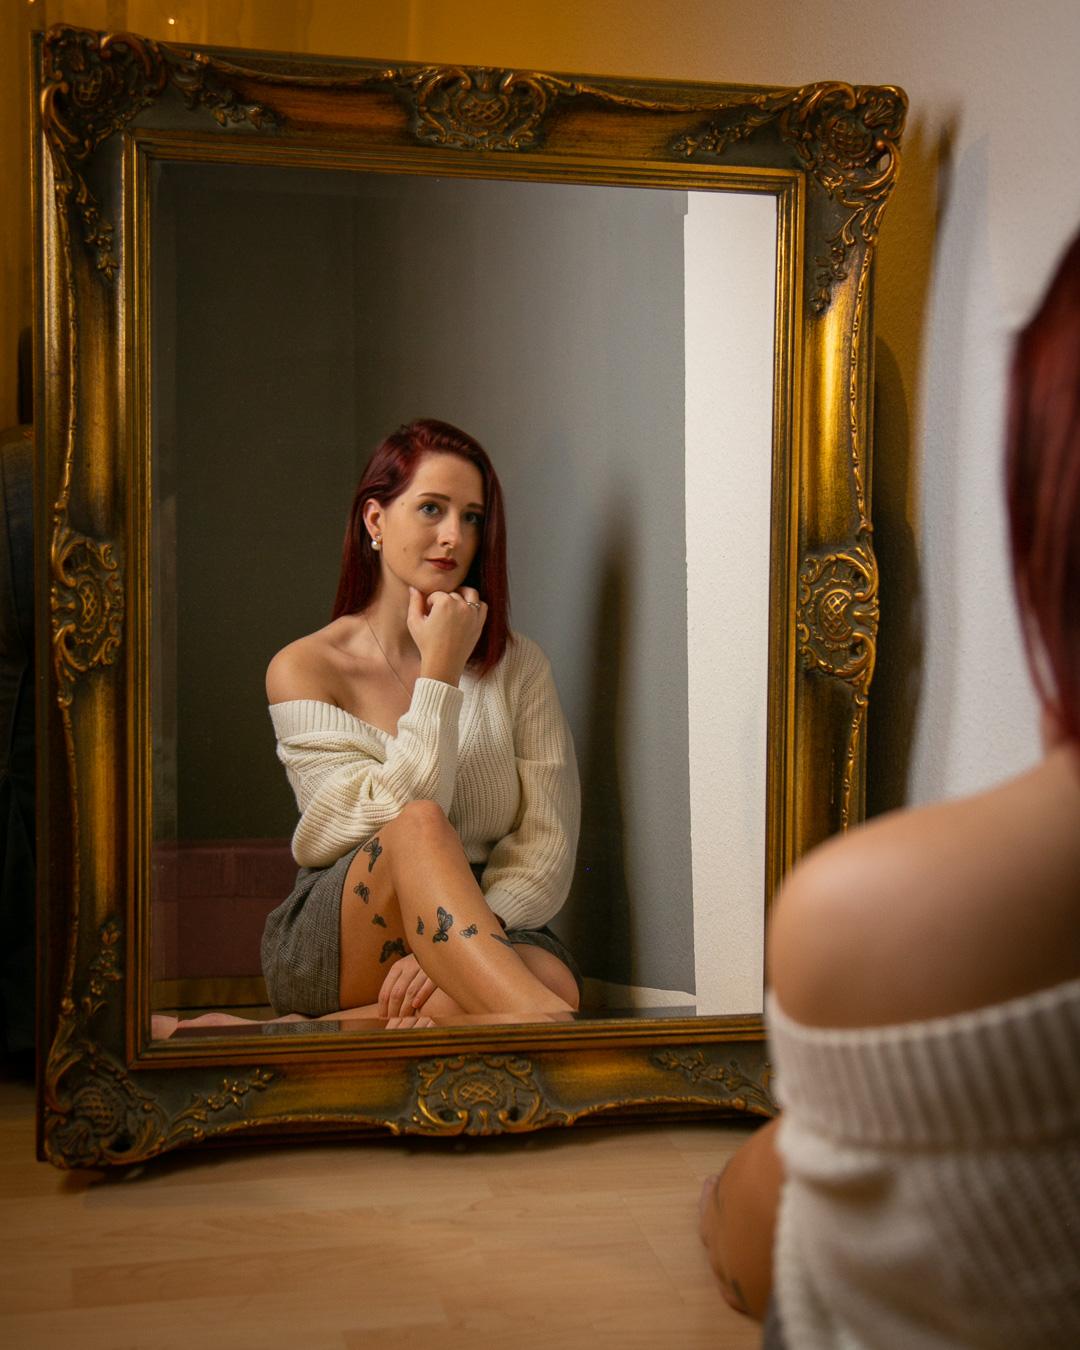 Frau sitzt vor einem Spiegel